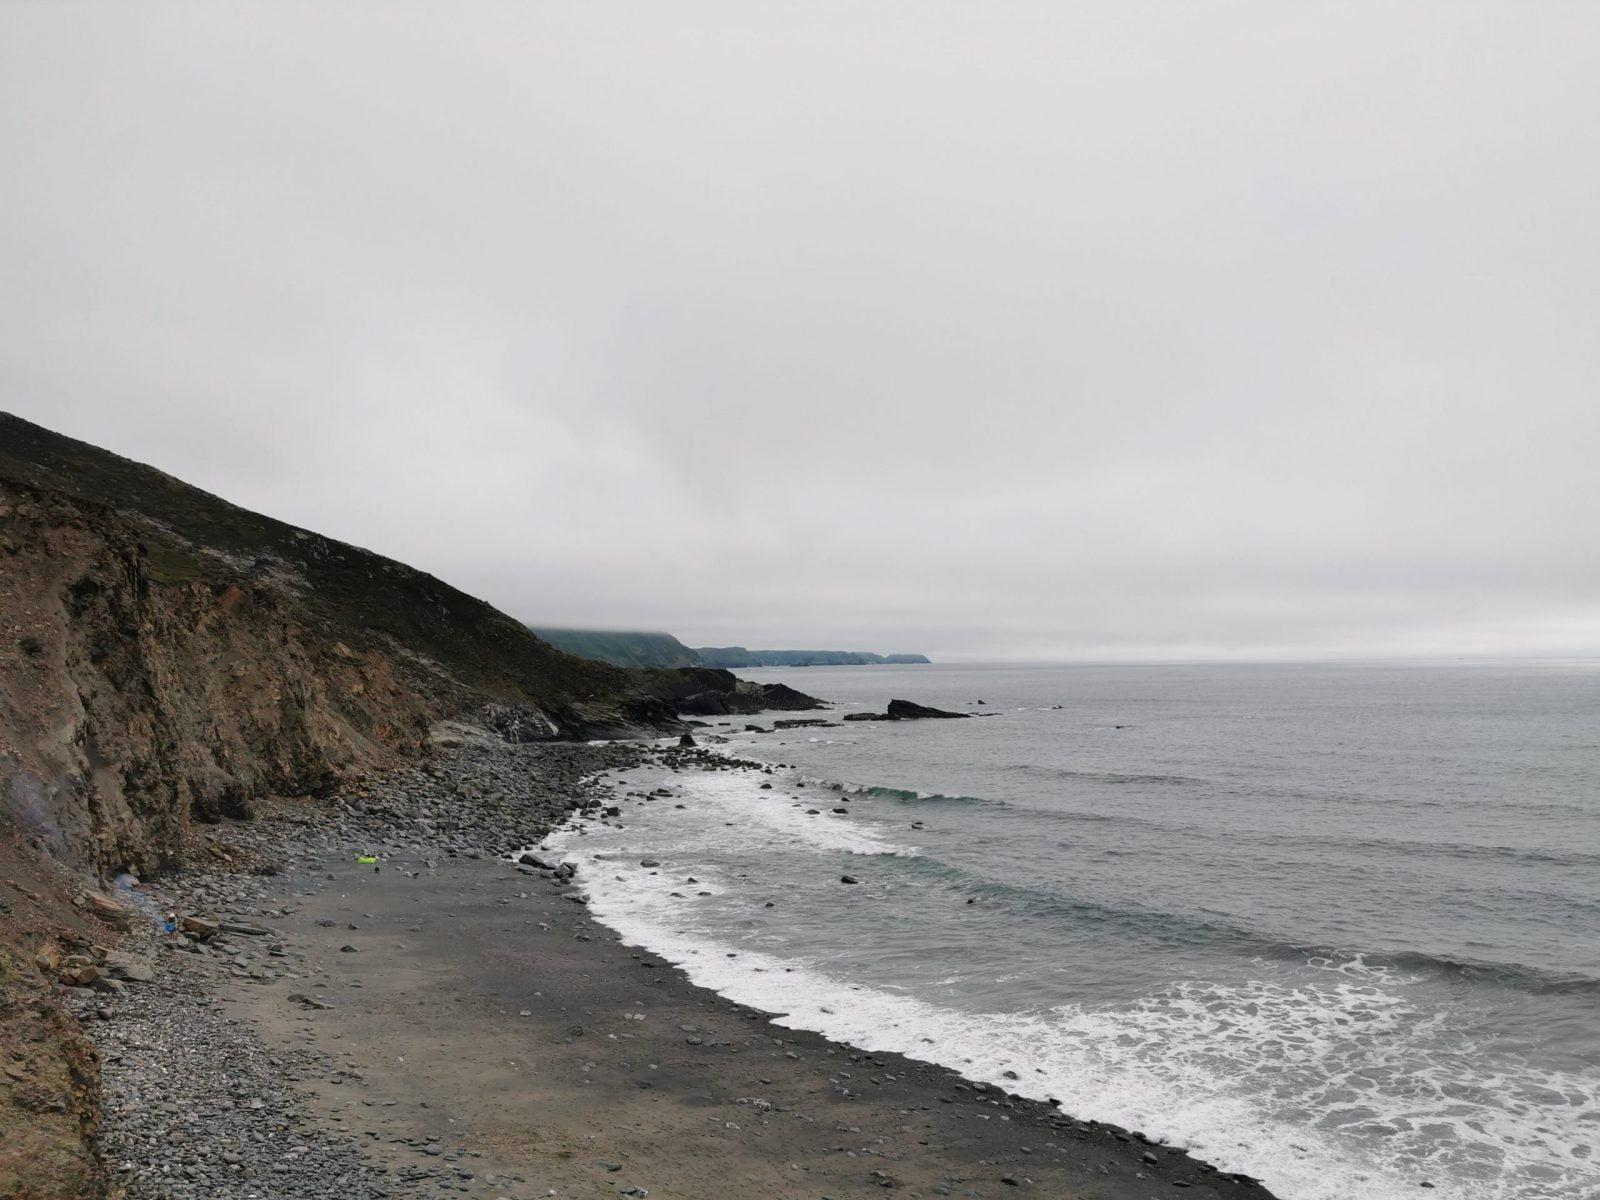 The Strangles Beach & Trail: A Hidden & Quiet Beach in Cornwall 11